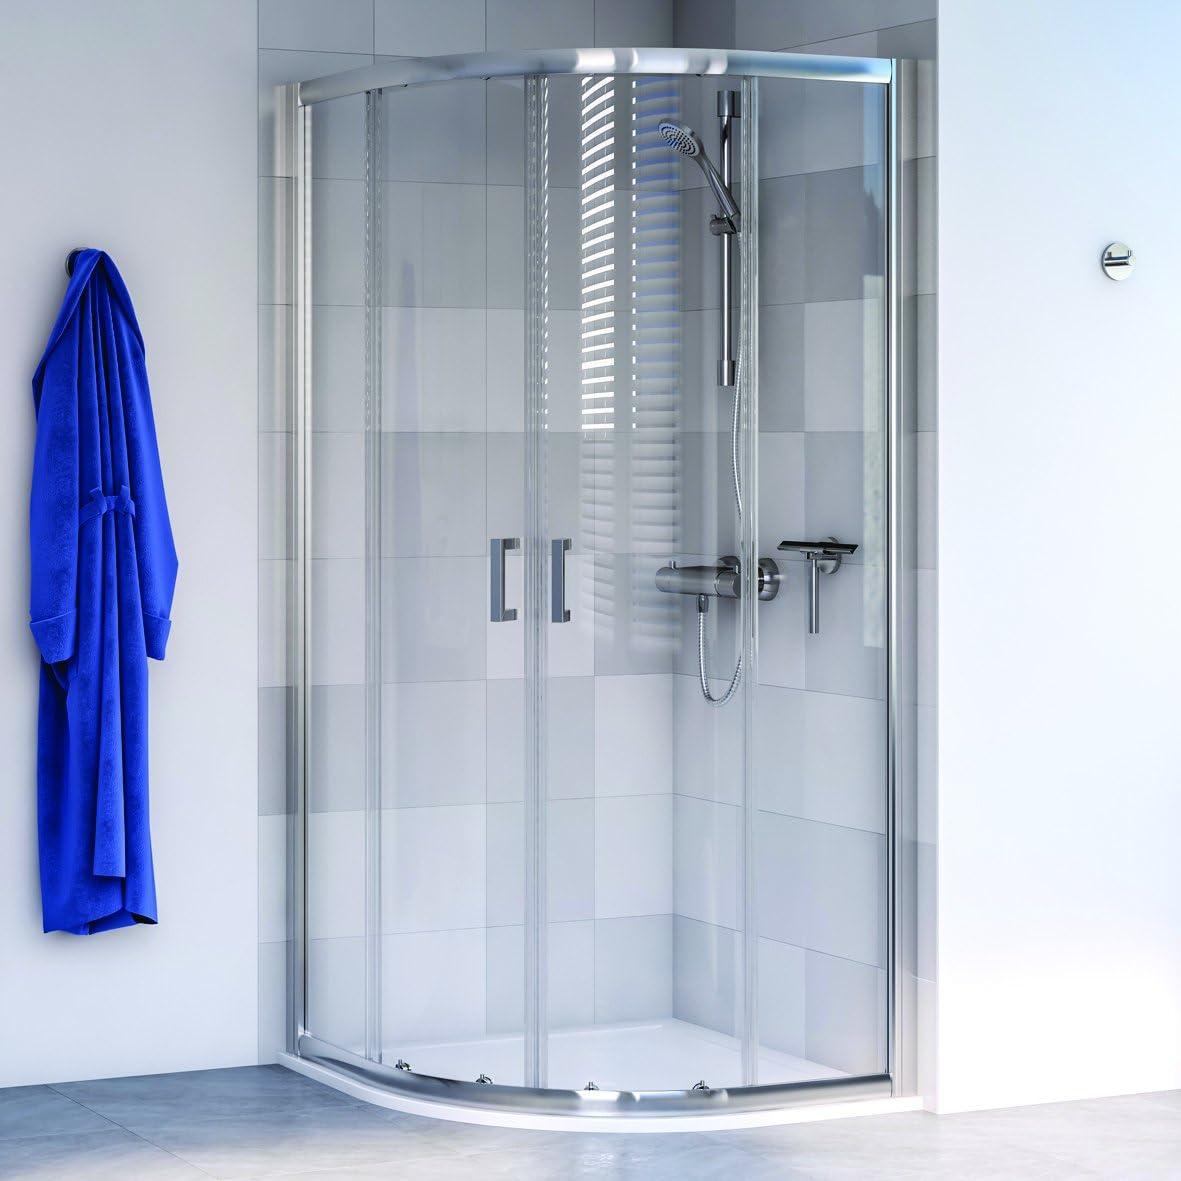 Aqualux 1193798 cuadrante ducha almacenaje, pulido Plata, 800 mm x 800 mm: Amazon.es: Bricolaje y herramientas